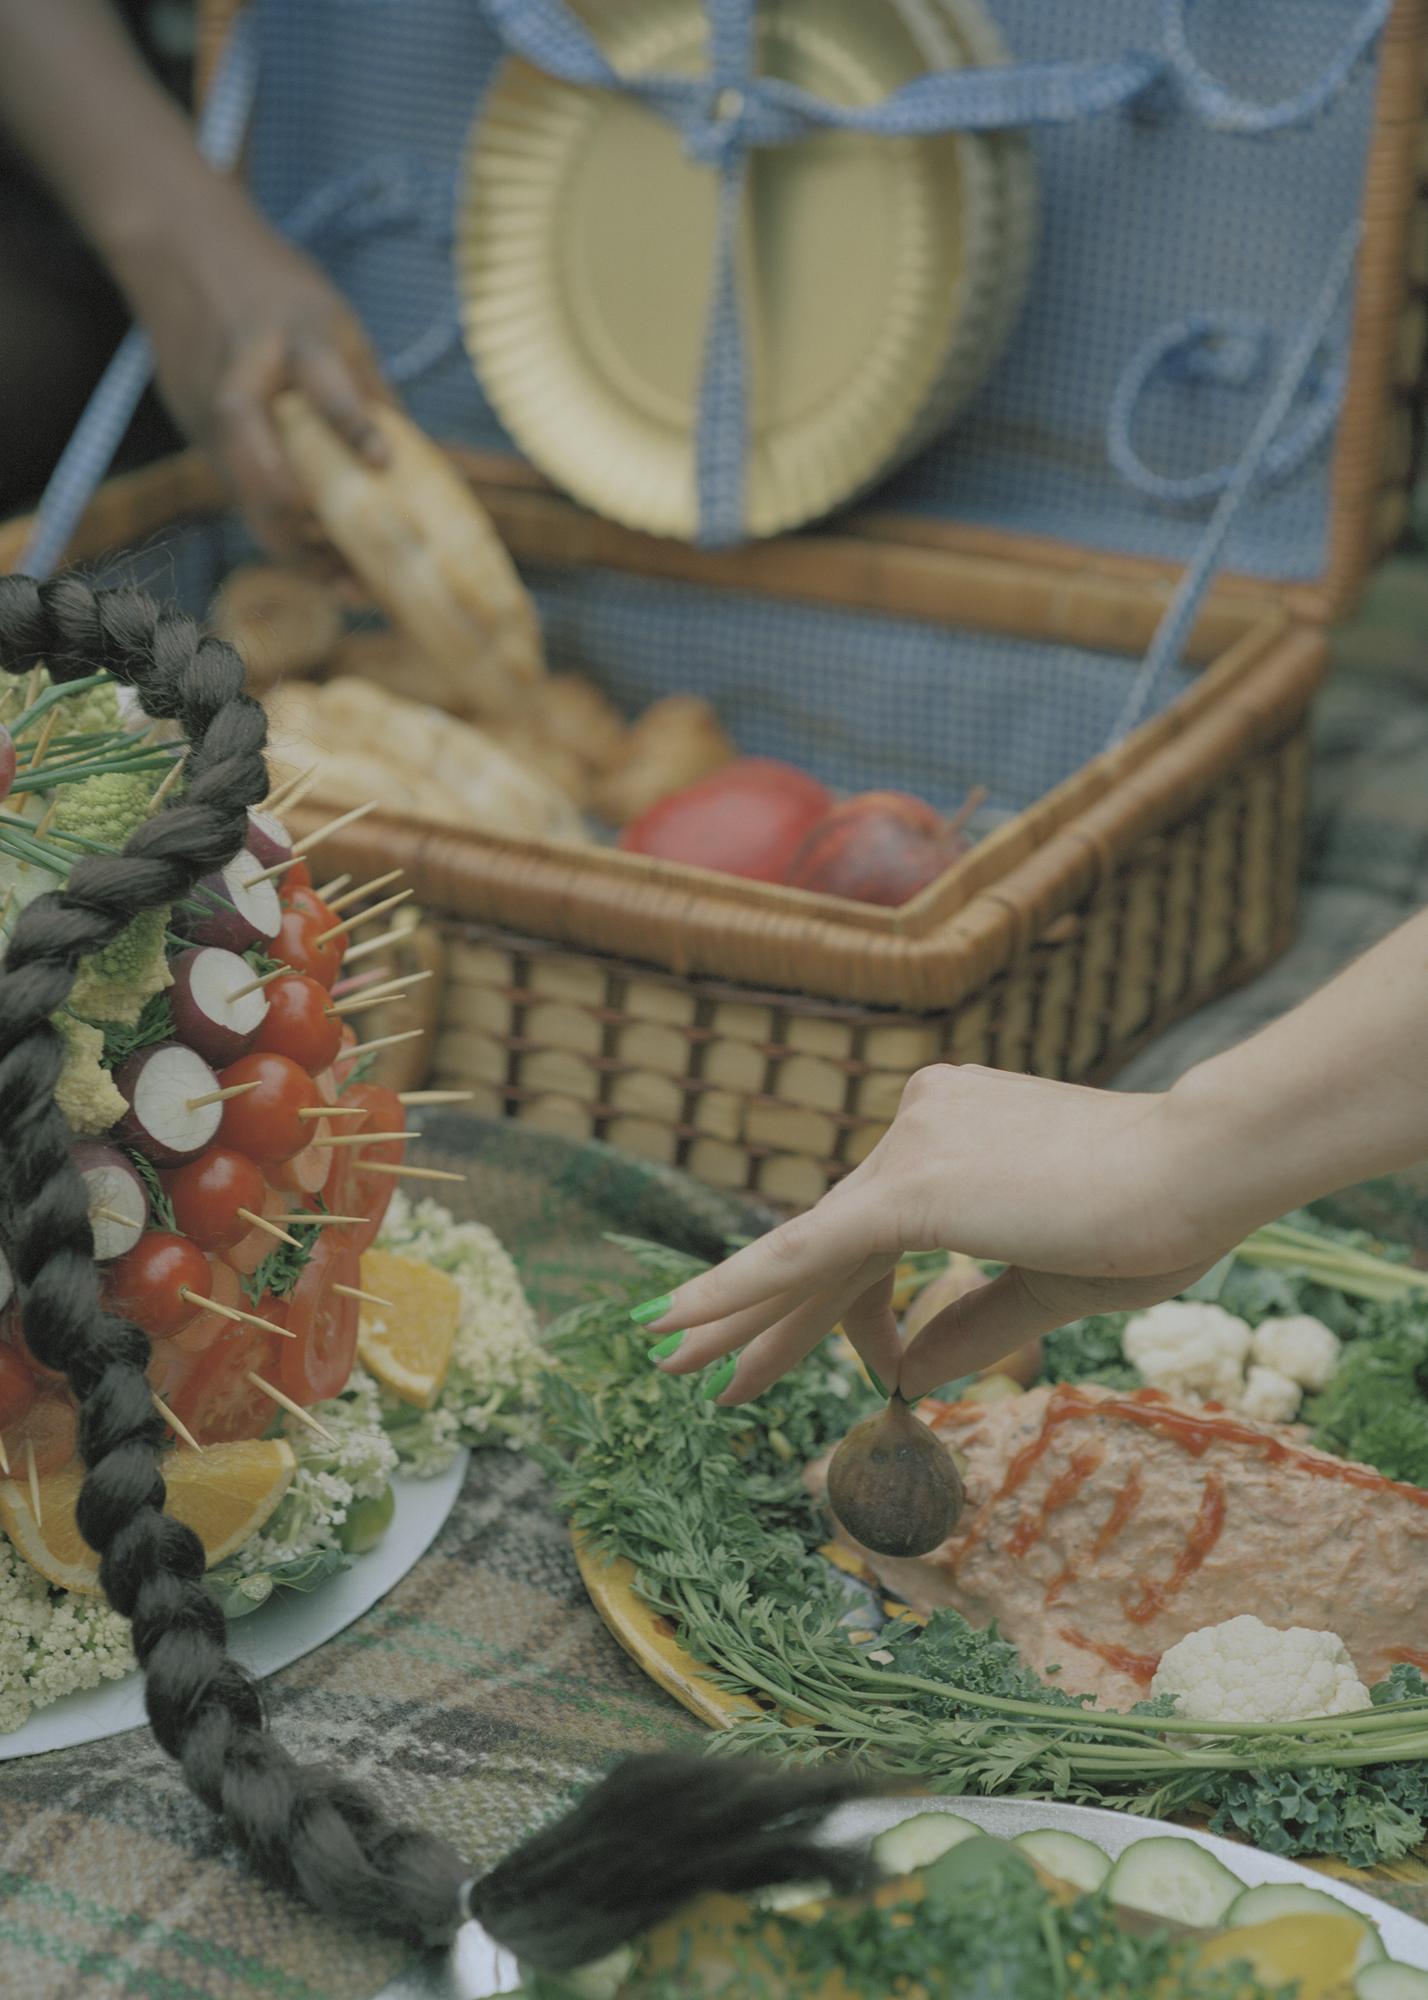 picnic_closeup.jpg